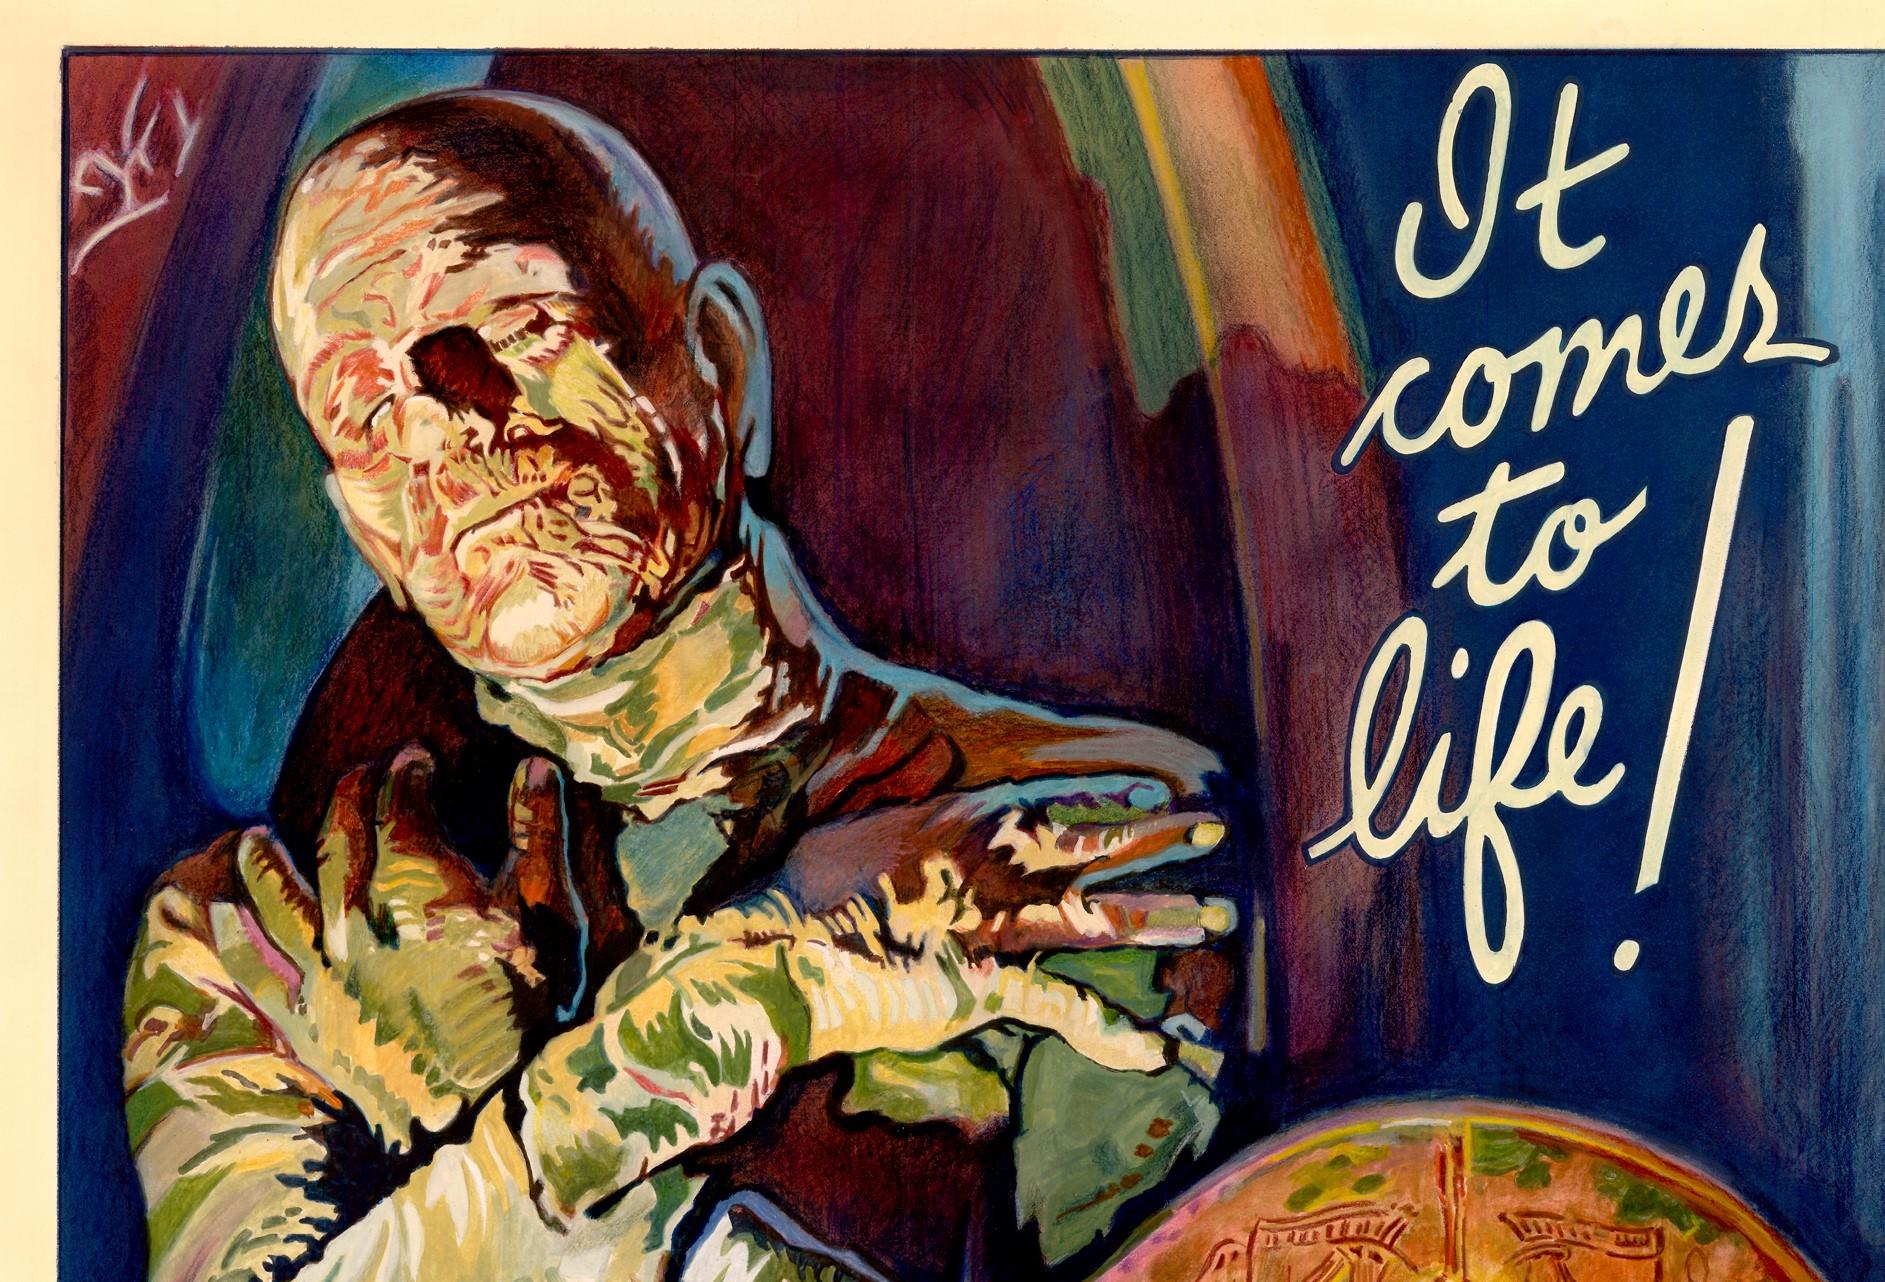 Cosa guardare ad Halloween: i classici dell'horror. Tra vampiri, morti viventi e lupi mannari